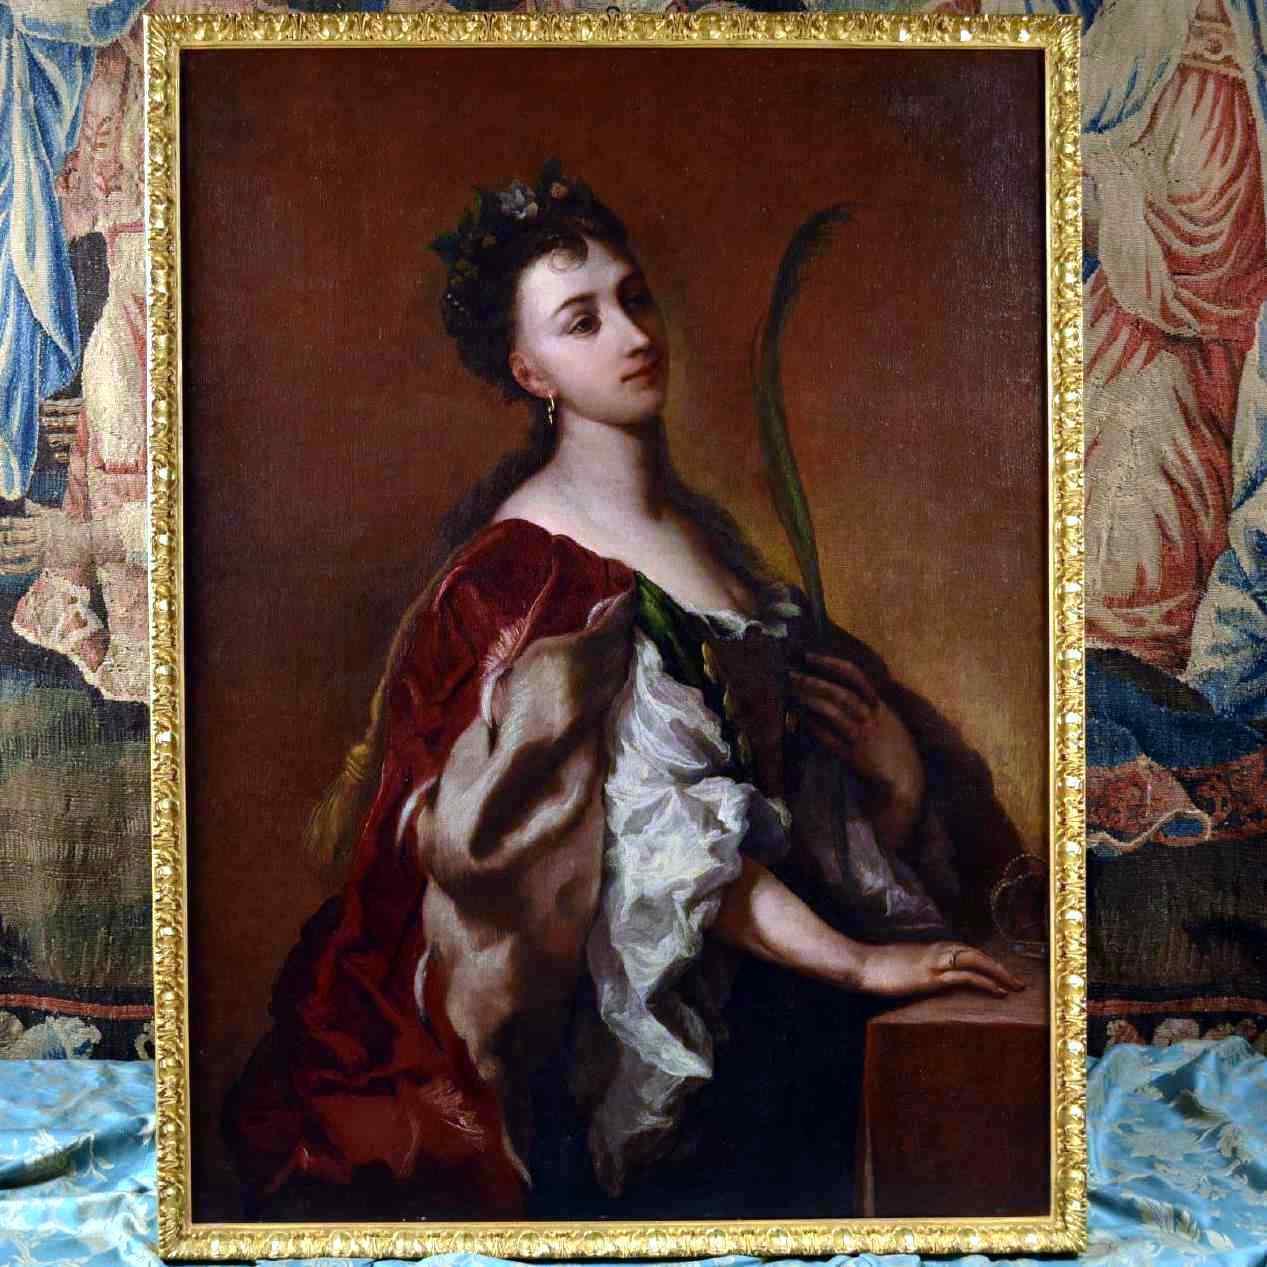 Ritratto di Santa Elisabetta d'Ungheria, XVIII secolo